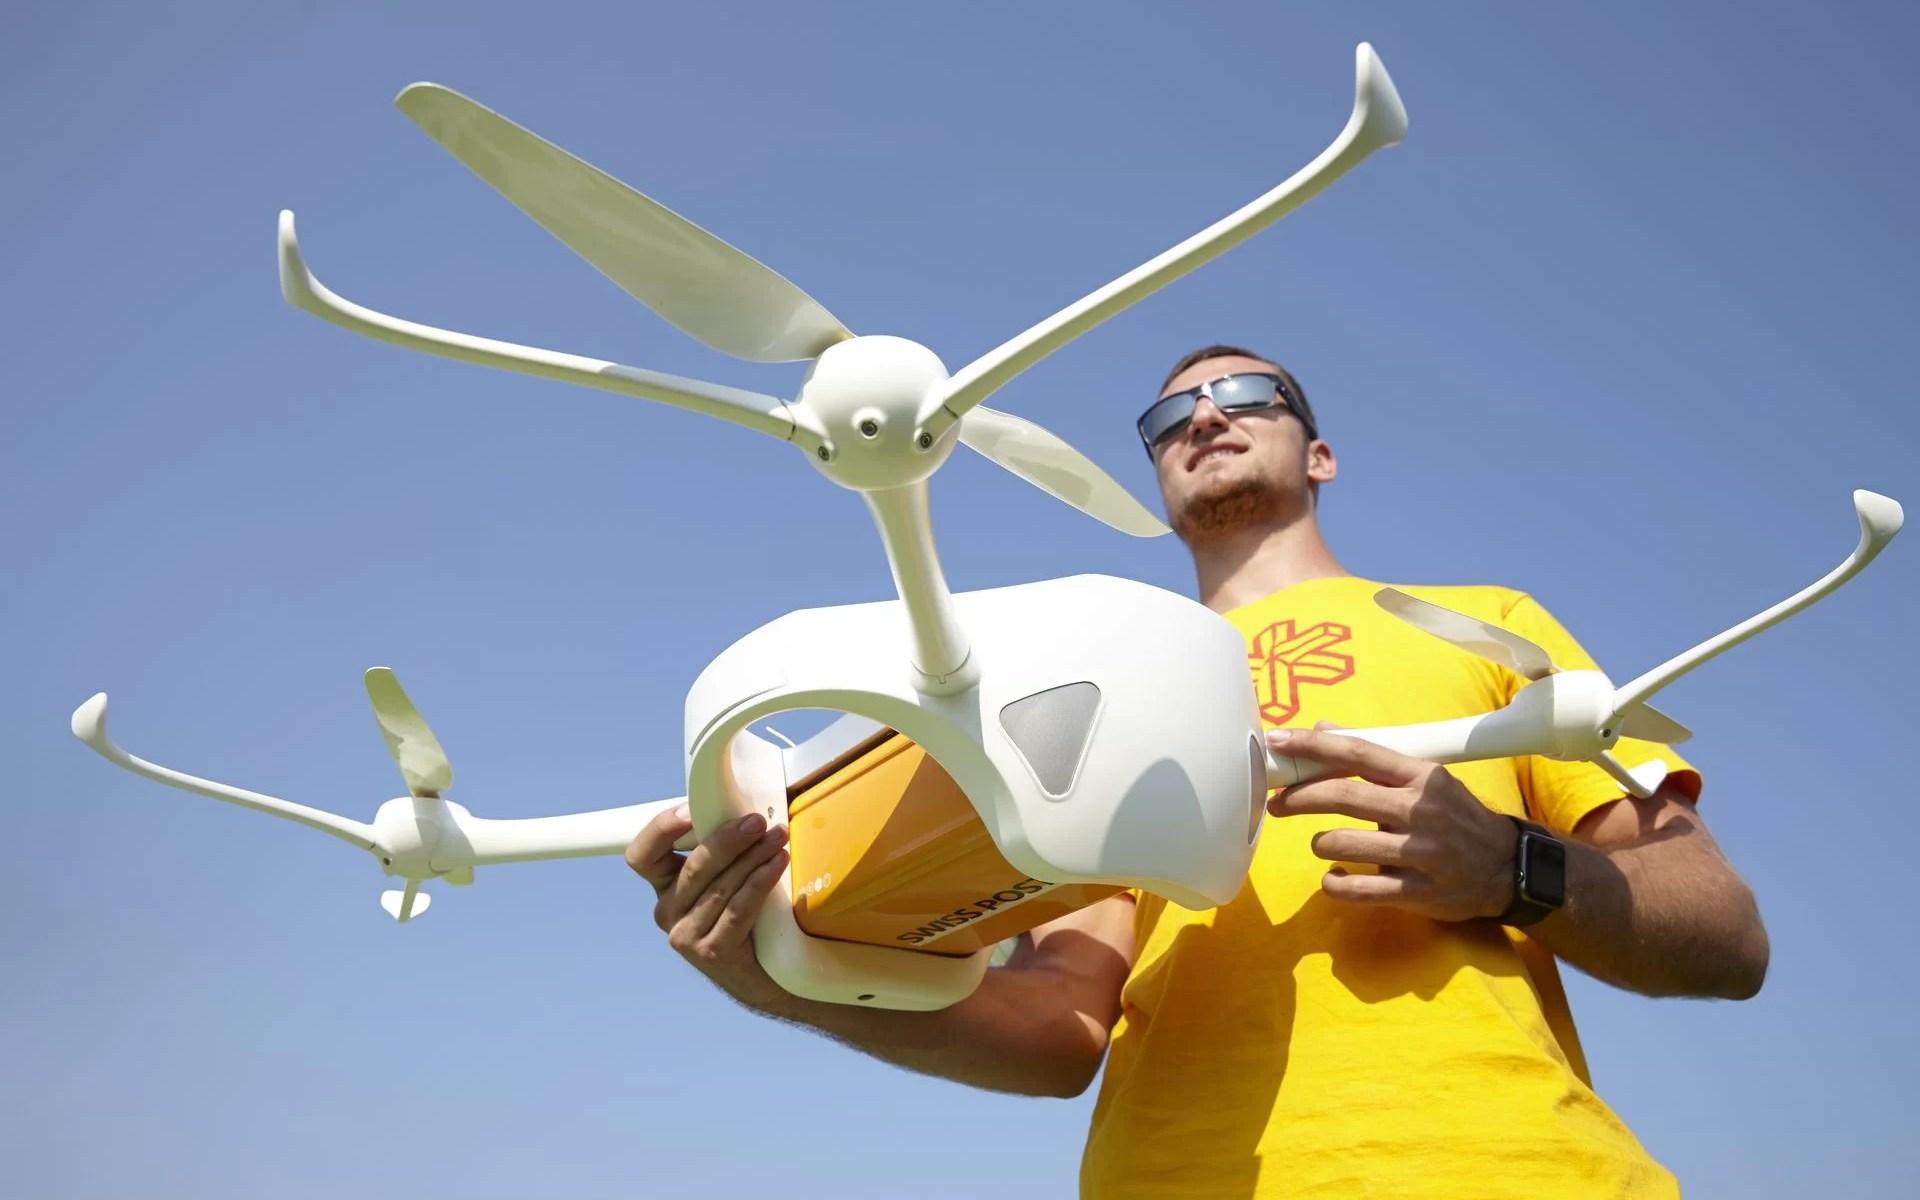 Швейцарская почта возобновила доставку писем и анализов дронами